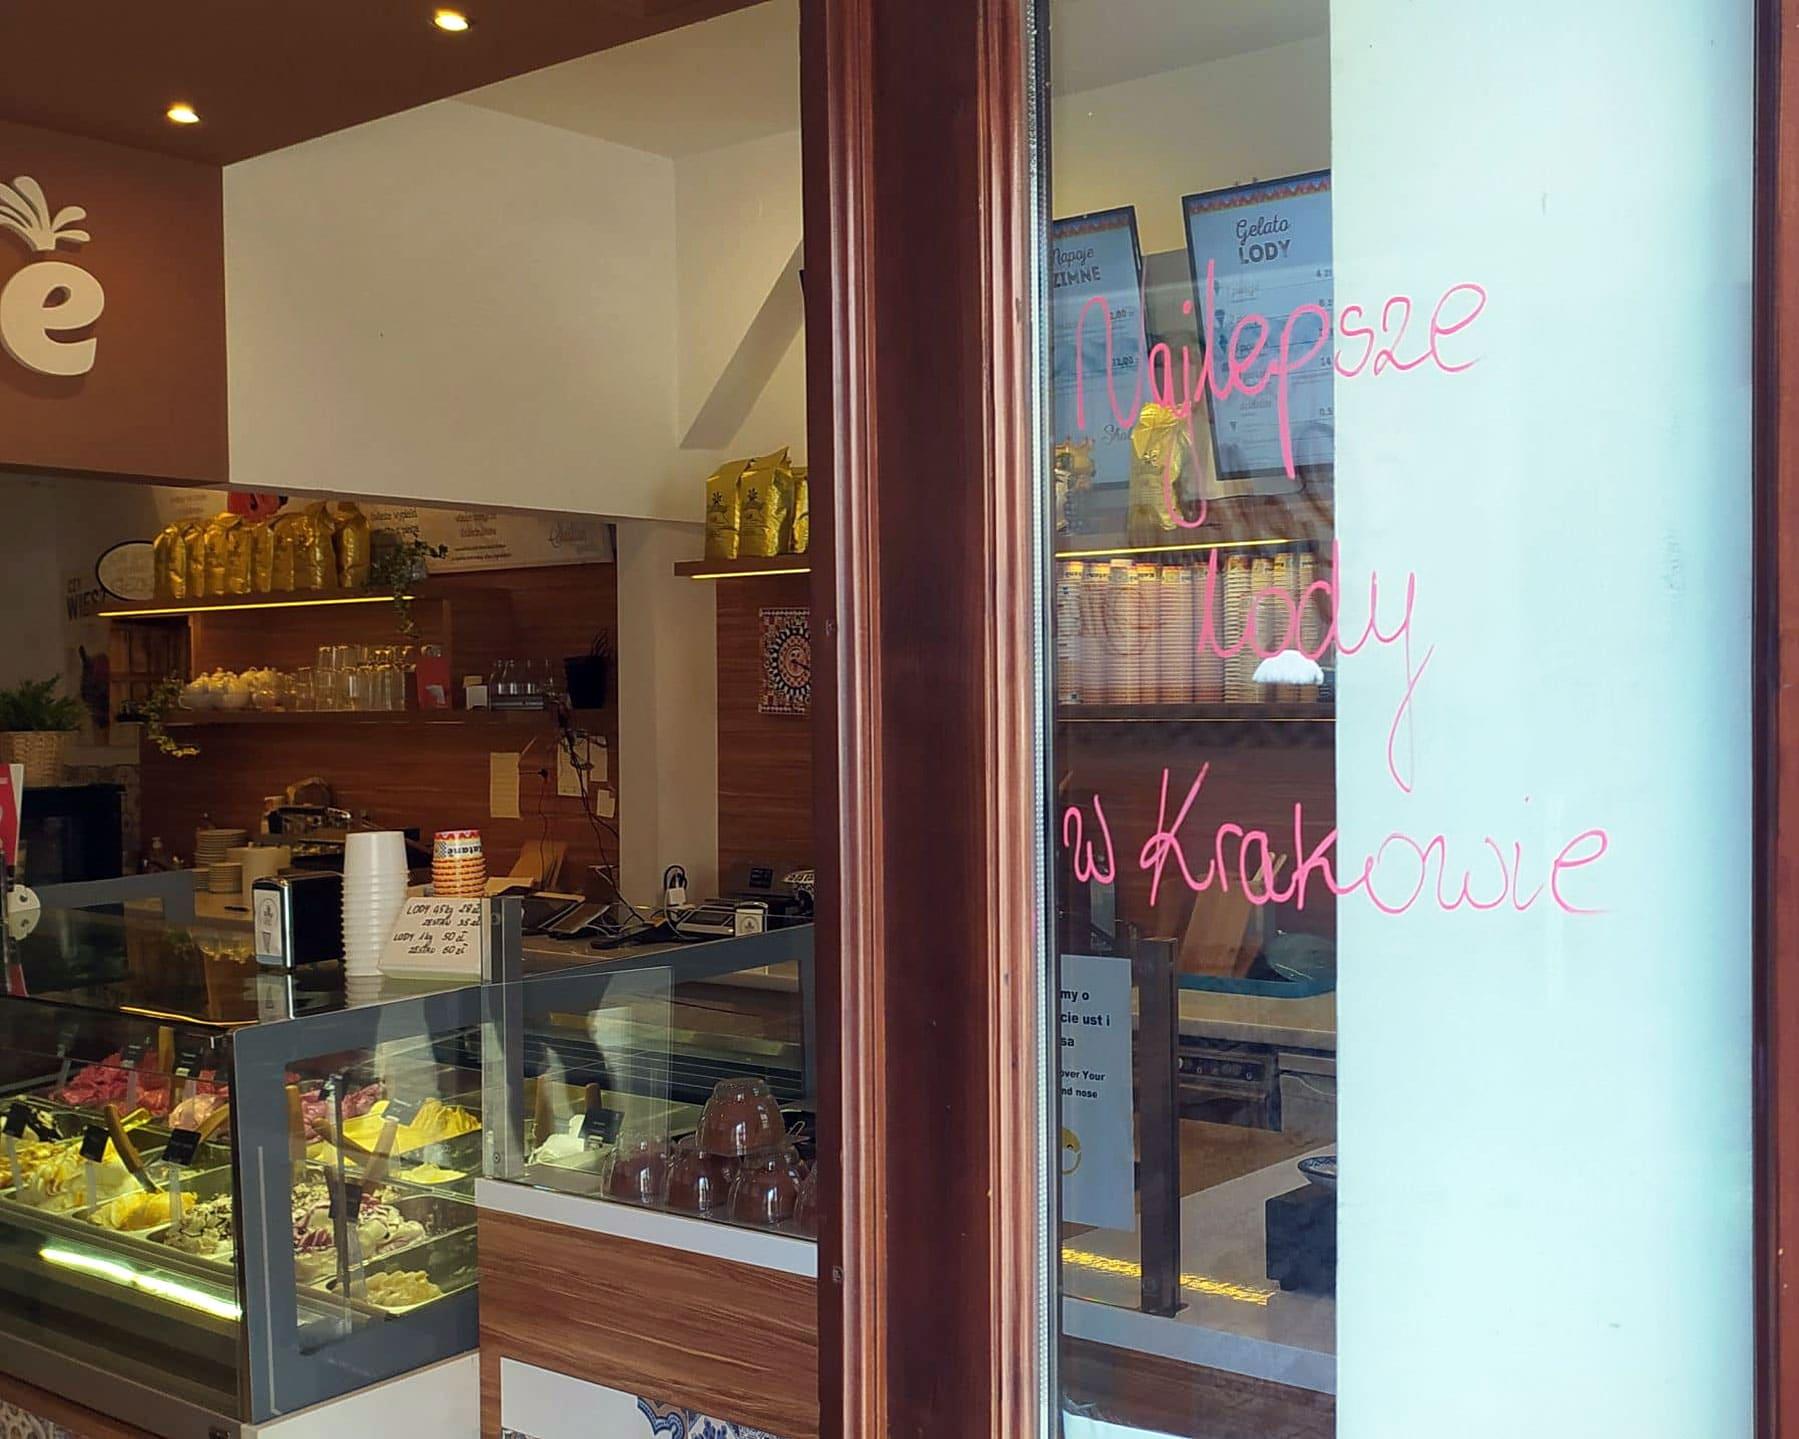 W Katanè klientów wita napis: Najlepsze lody w Krakowie.